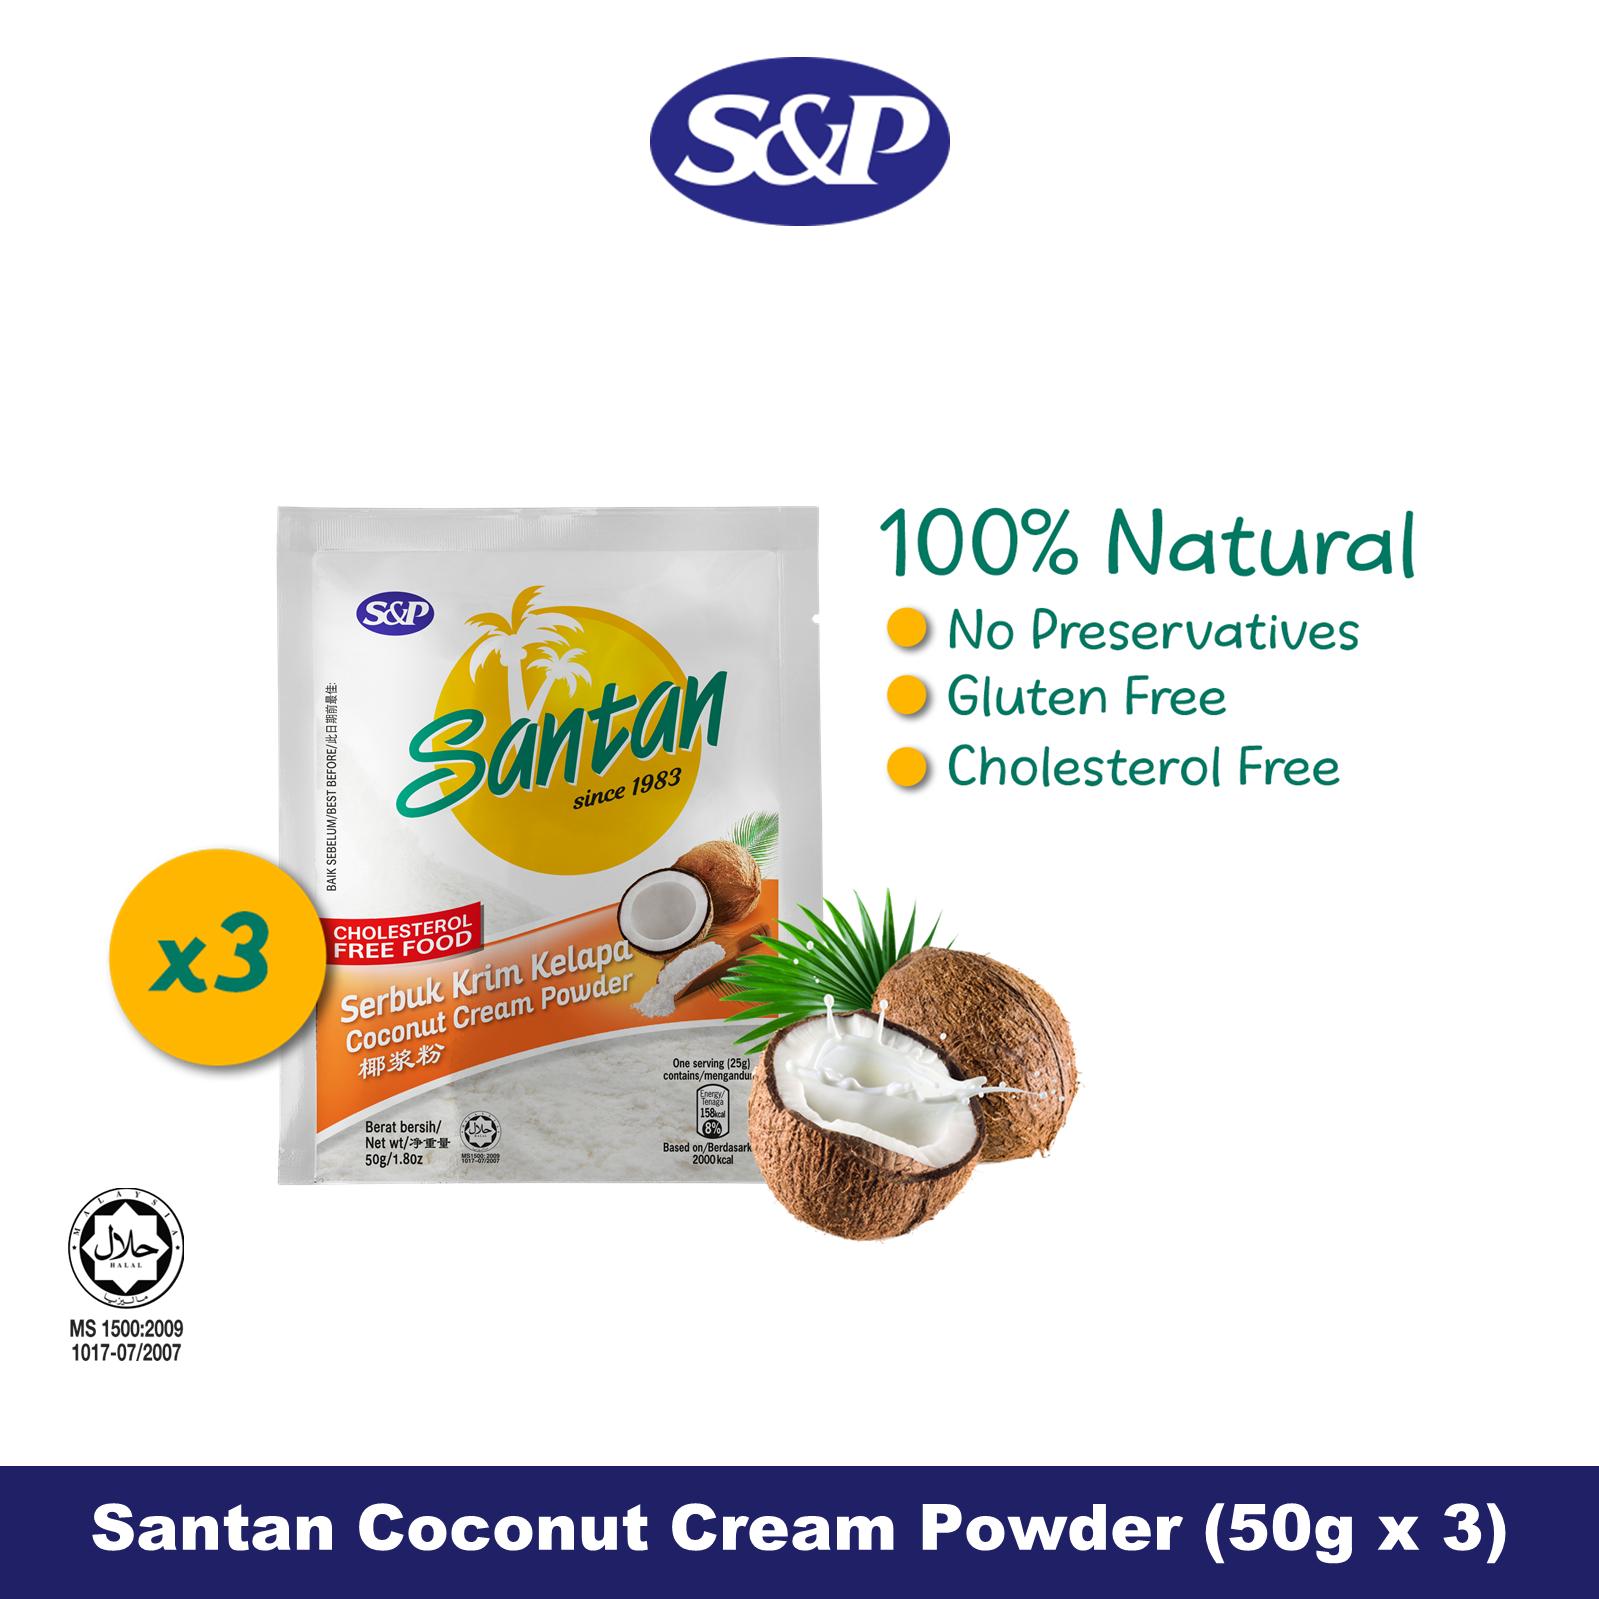 S&P Santan Coconut Cream Powder Serbuk Santan Kelapa (50g x3)